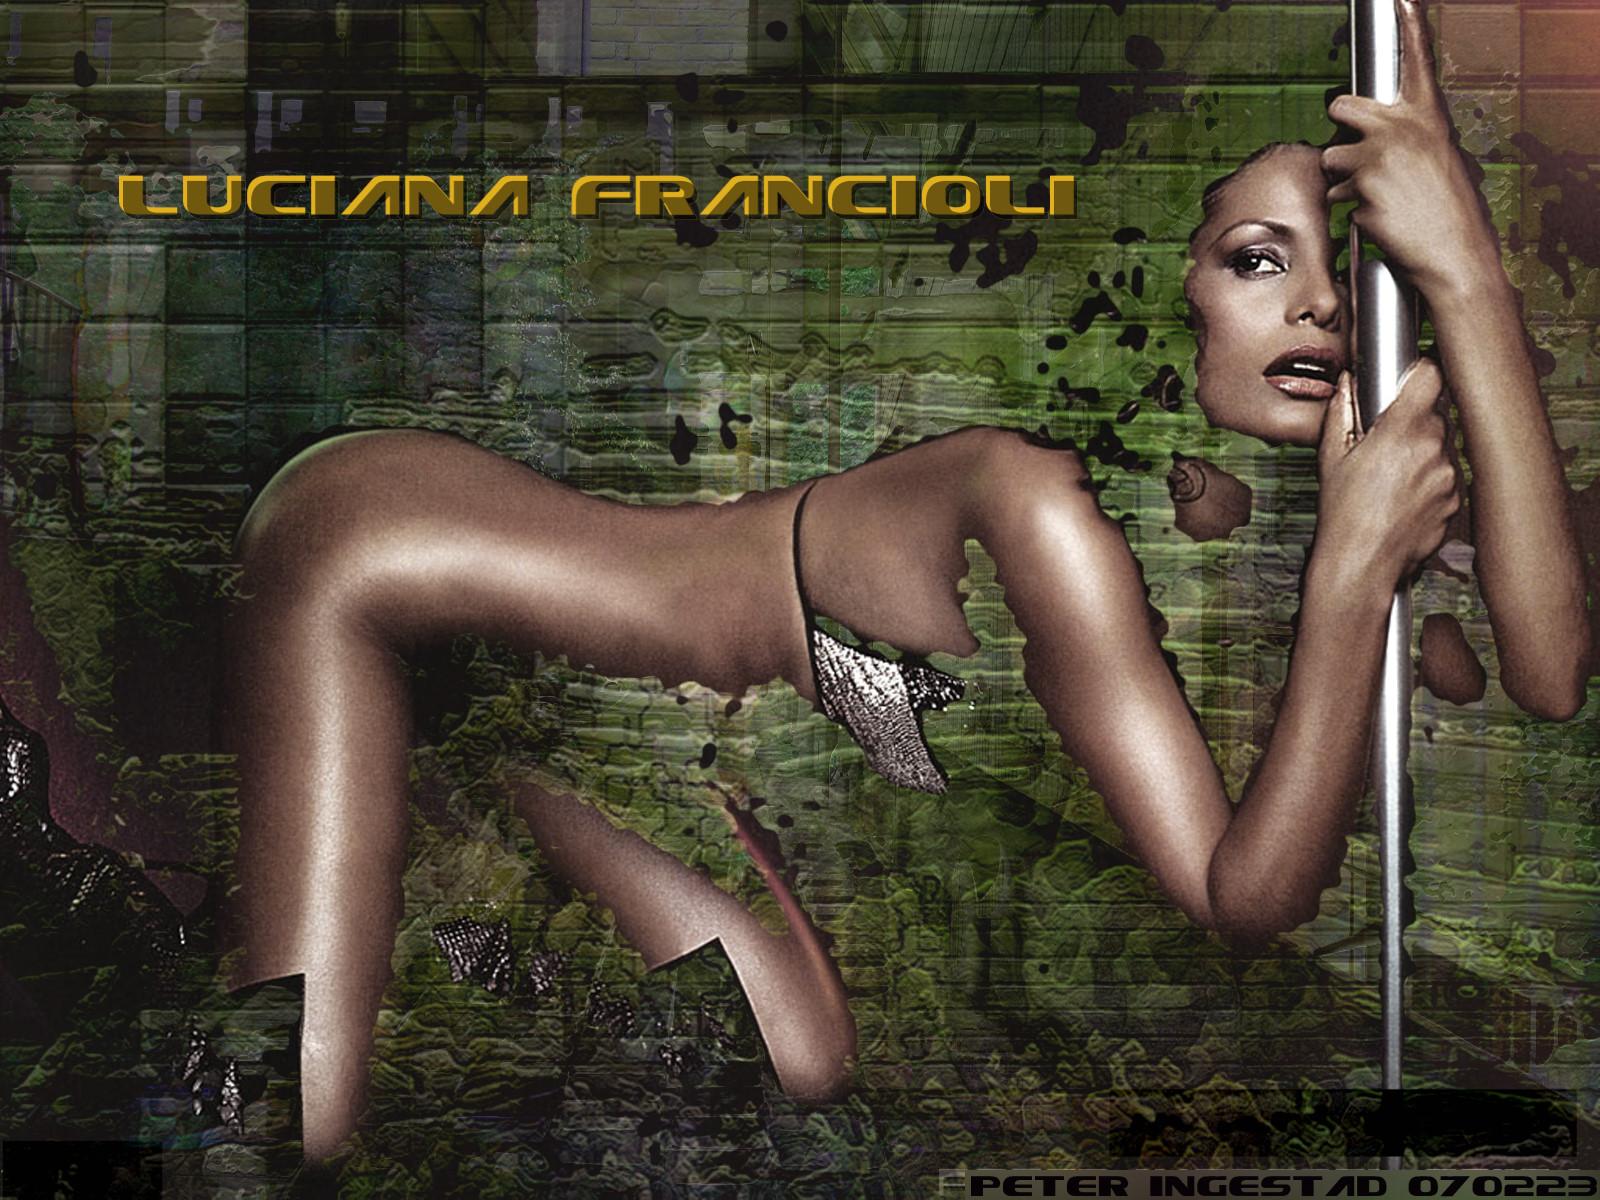 Luciana francioli 2